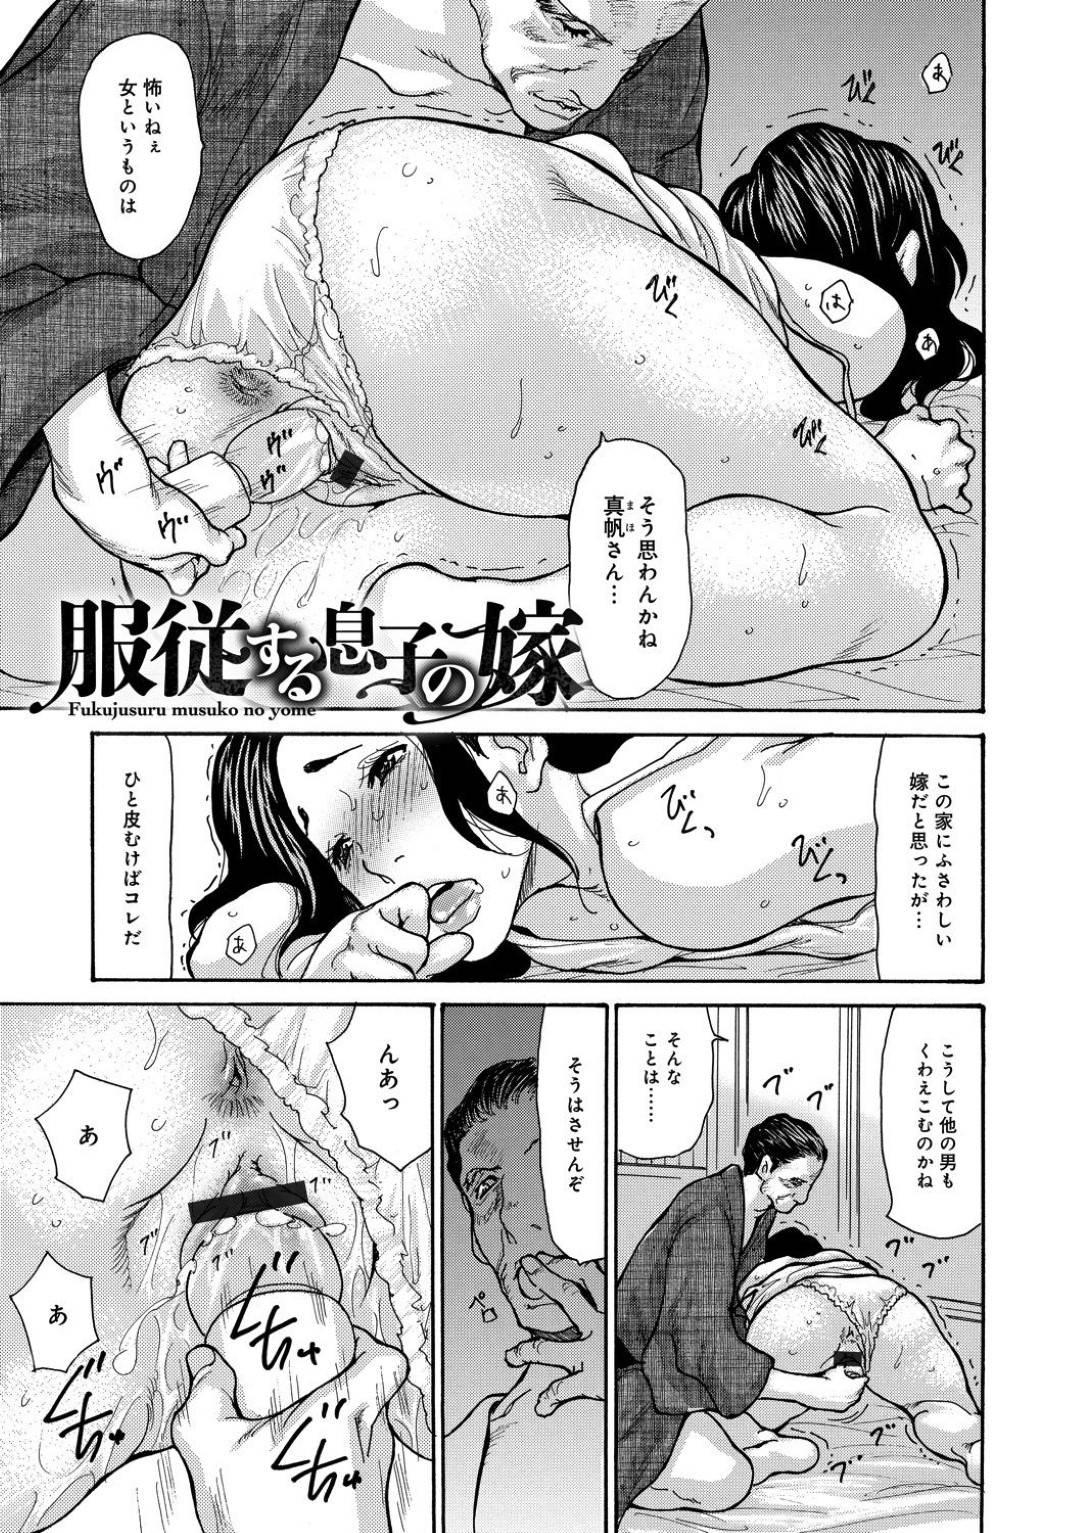 【エロ漫画】厳しいお義父さんに強制的に性処理される巨乳人妻…バイブを使いオナニーしているのがバレ、お義父さんに毎晩バイブで潮吹きされ、失言すると怒り狂いチンポを生挿入されるも、受け入れ宥めて中出し孕まセックス!【葵ヒトリ】